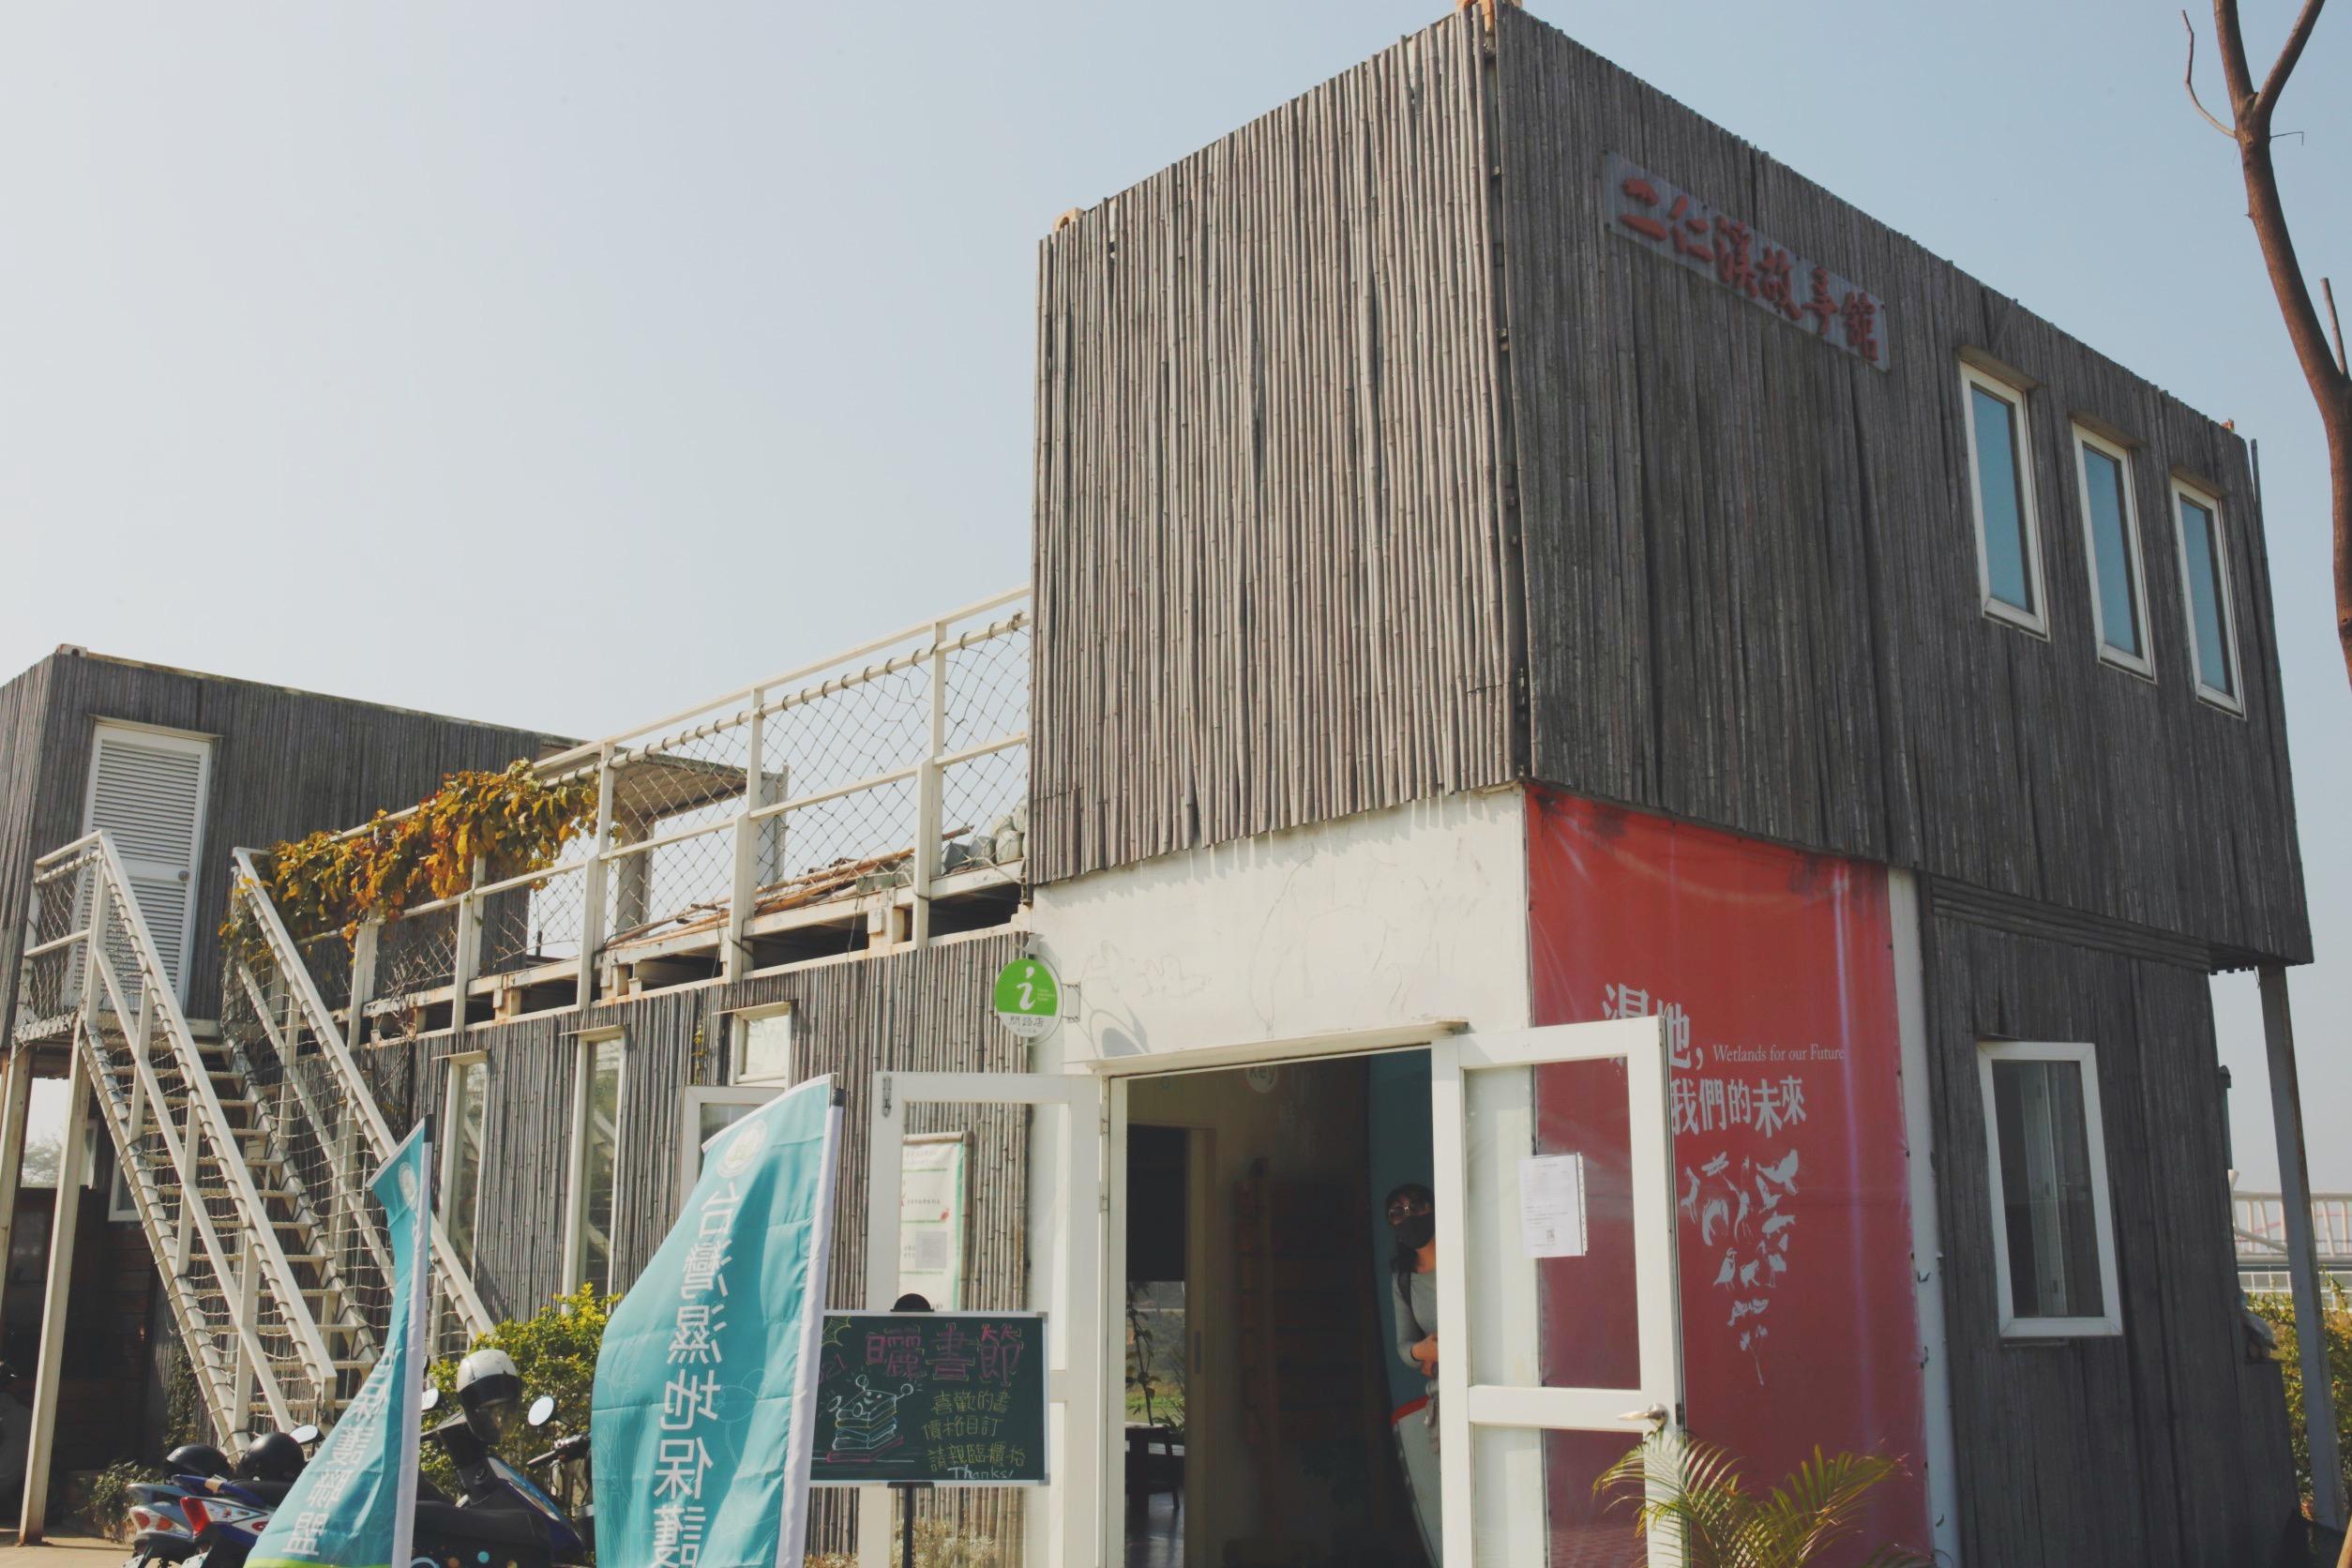 二仁溪流域教育中心